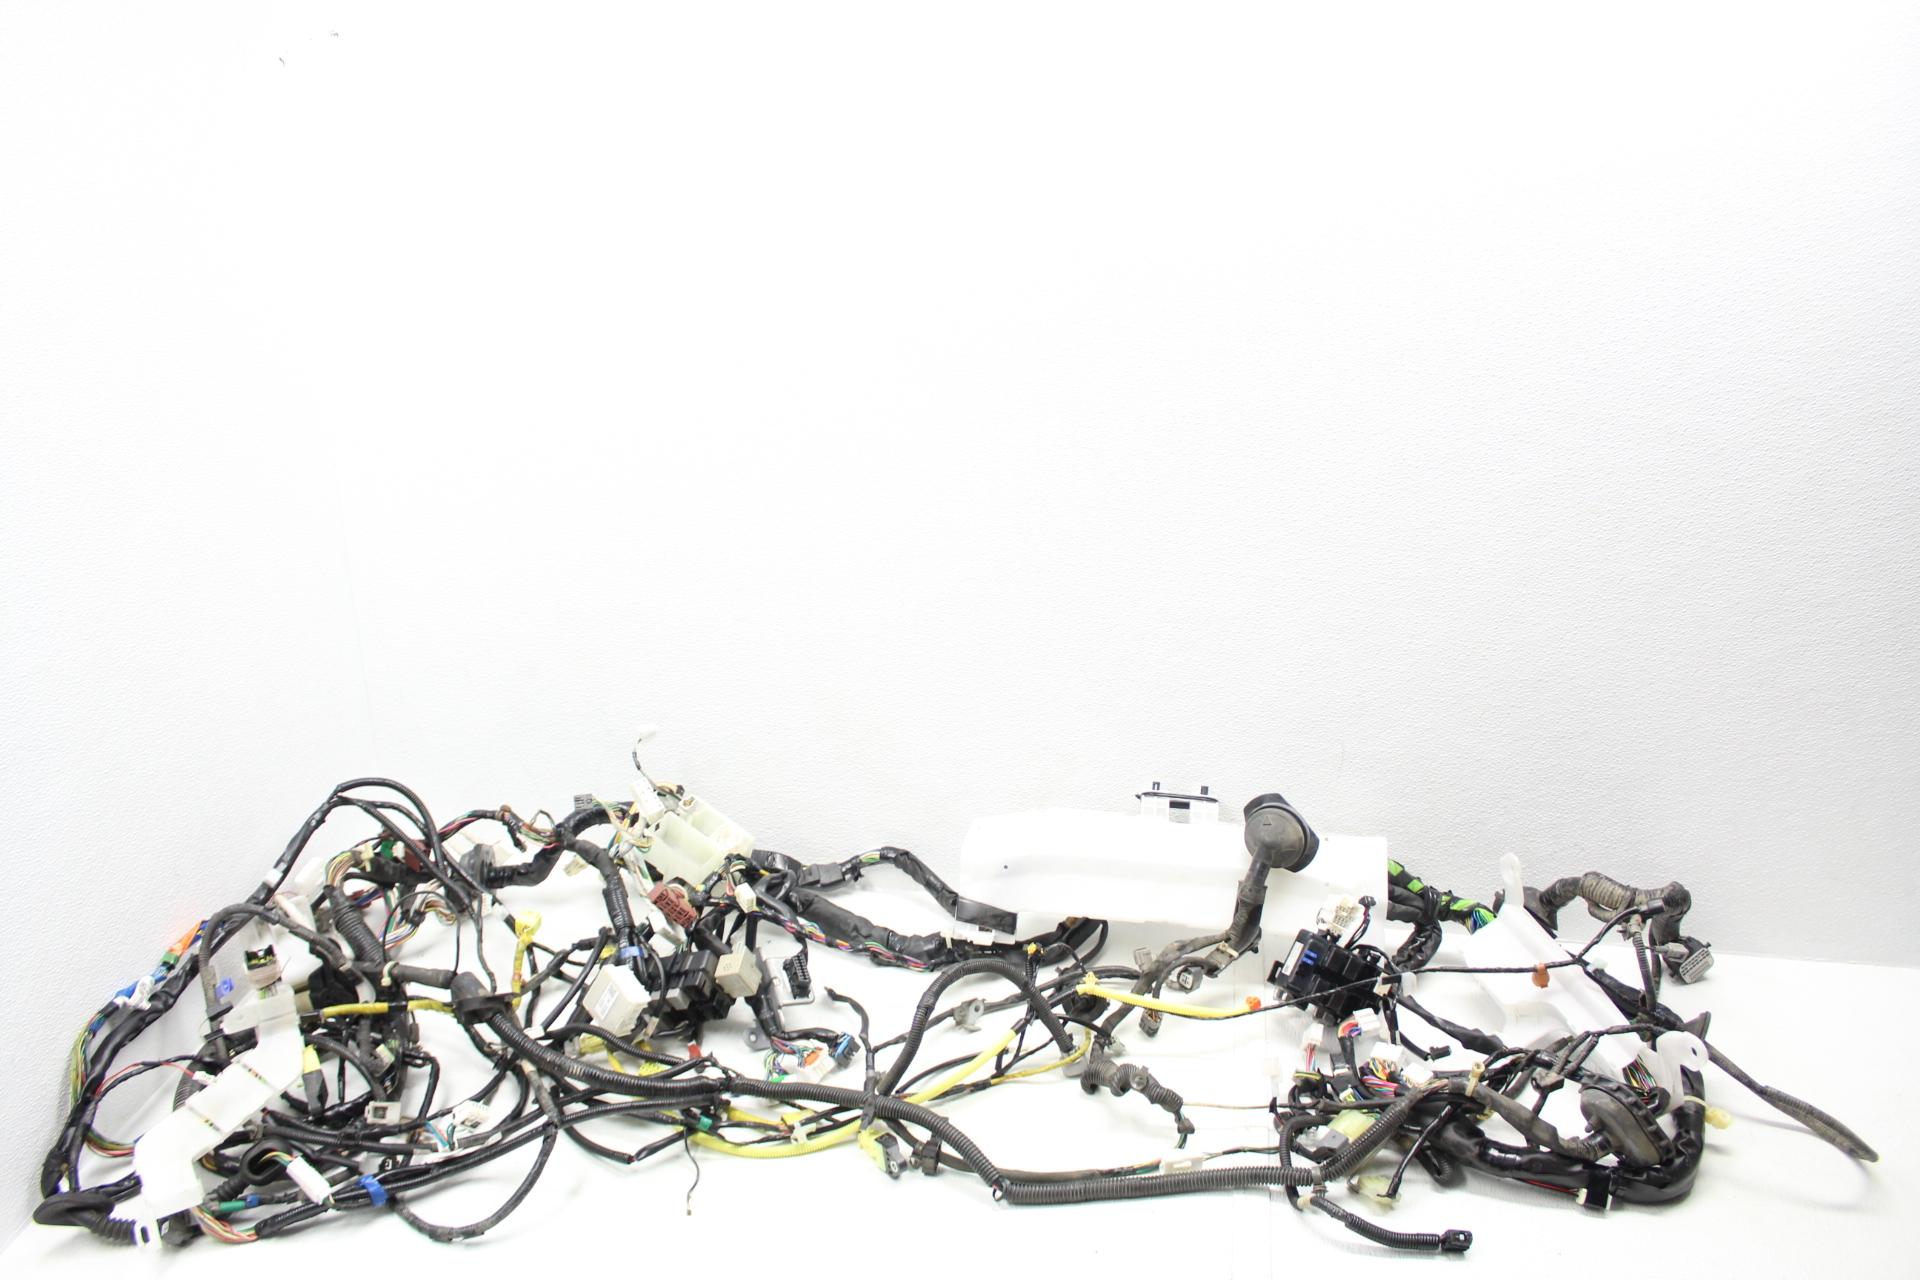 ECU/Wiring